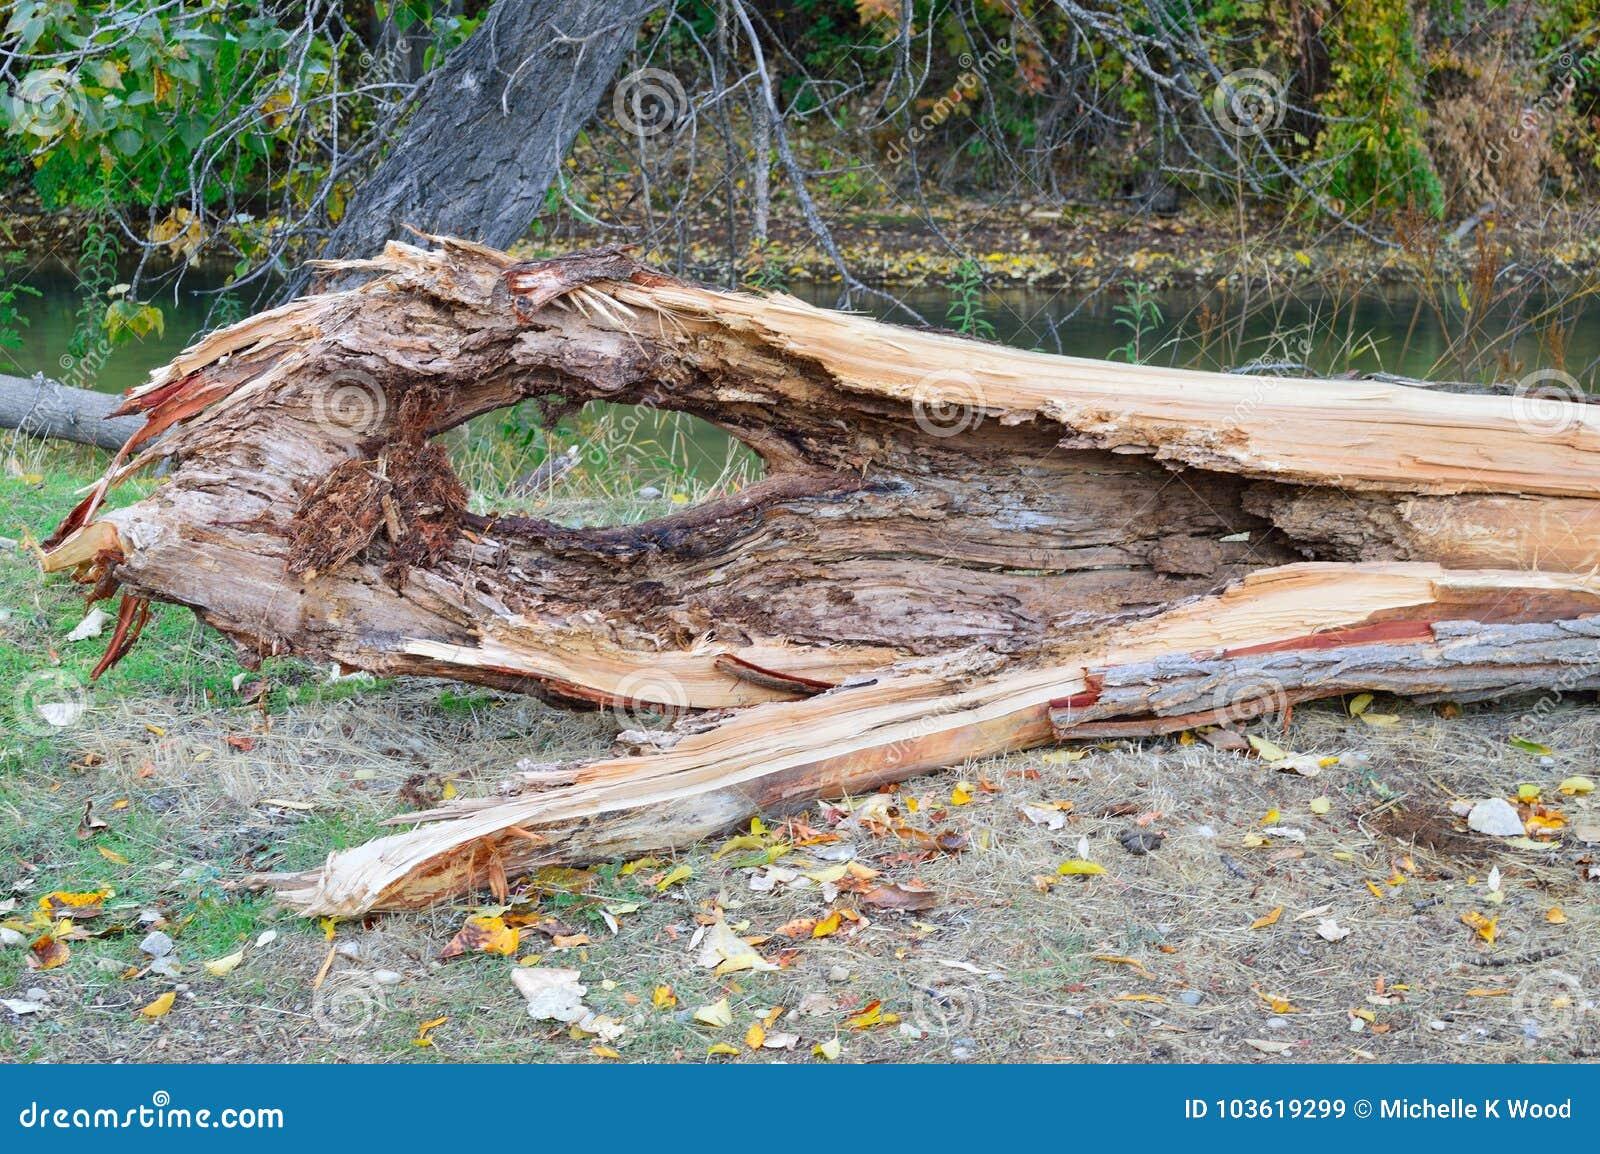 Snake-headed log on the Boise Greenbelt